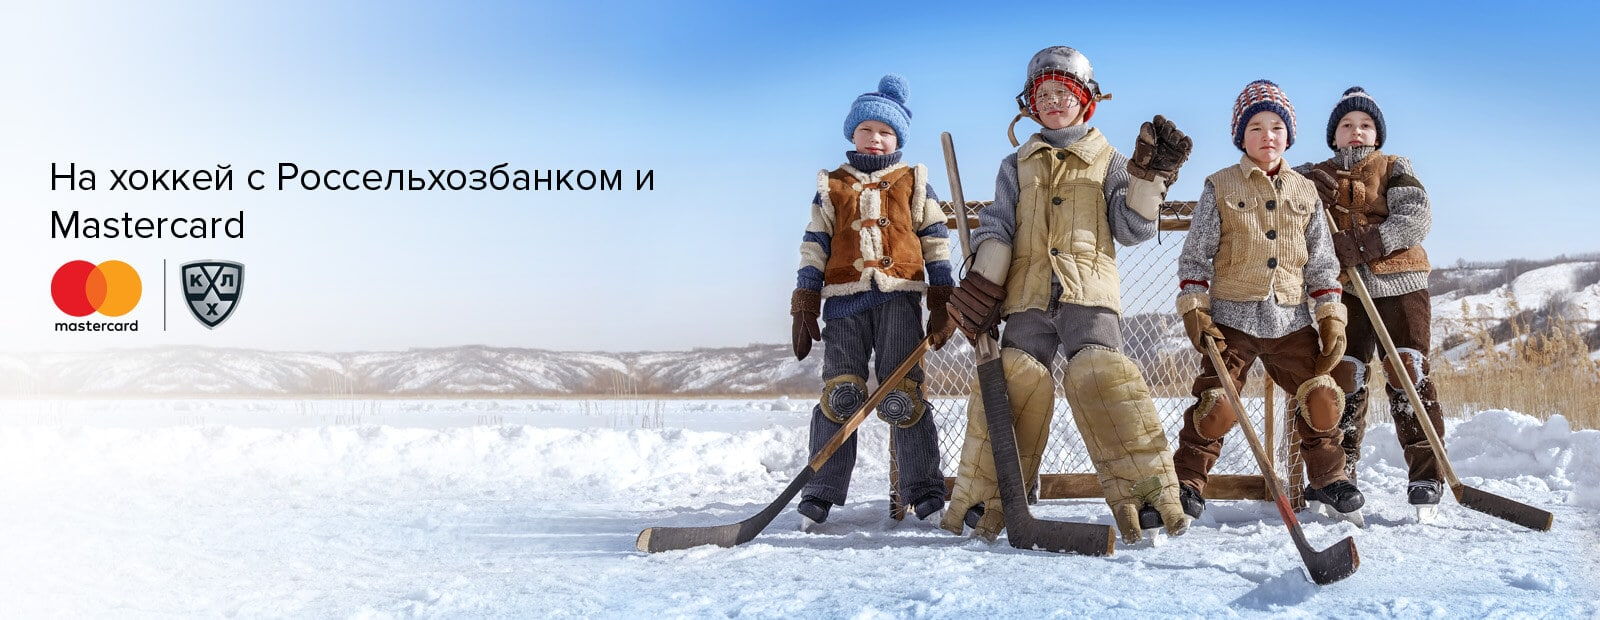 Россельхозбанк ульяновск официальный сайт кредиты физическим лицам